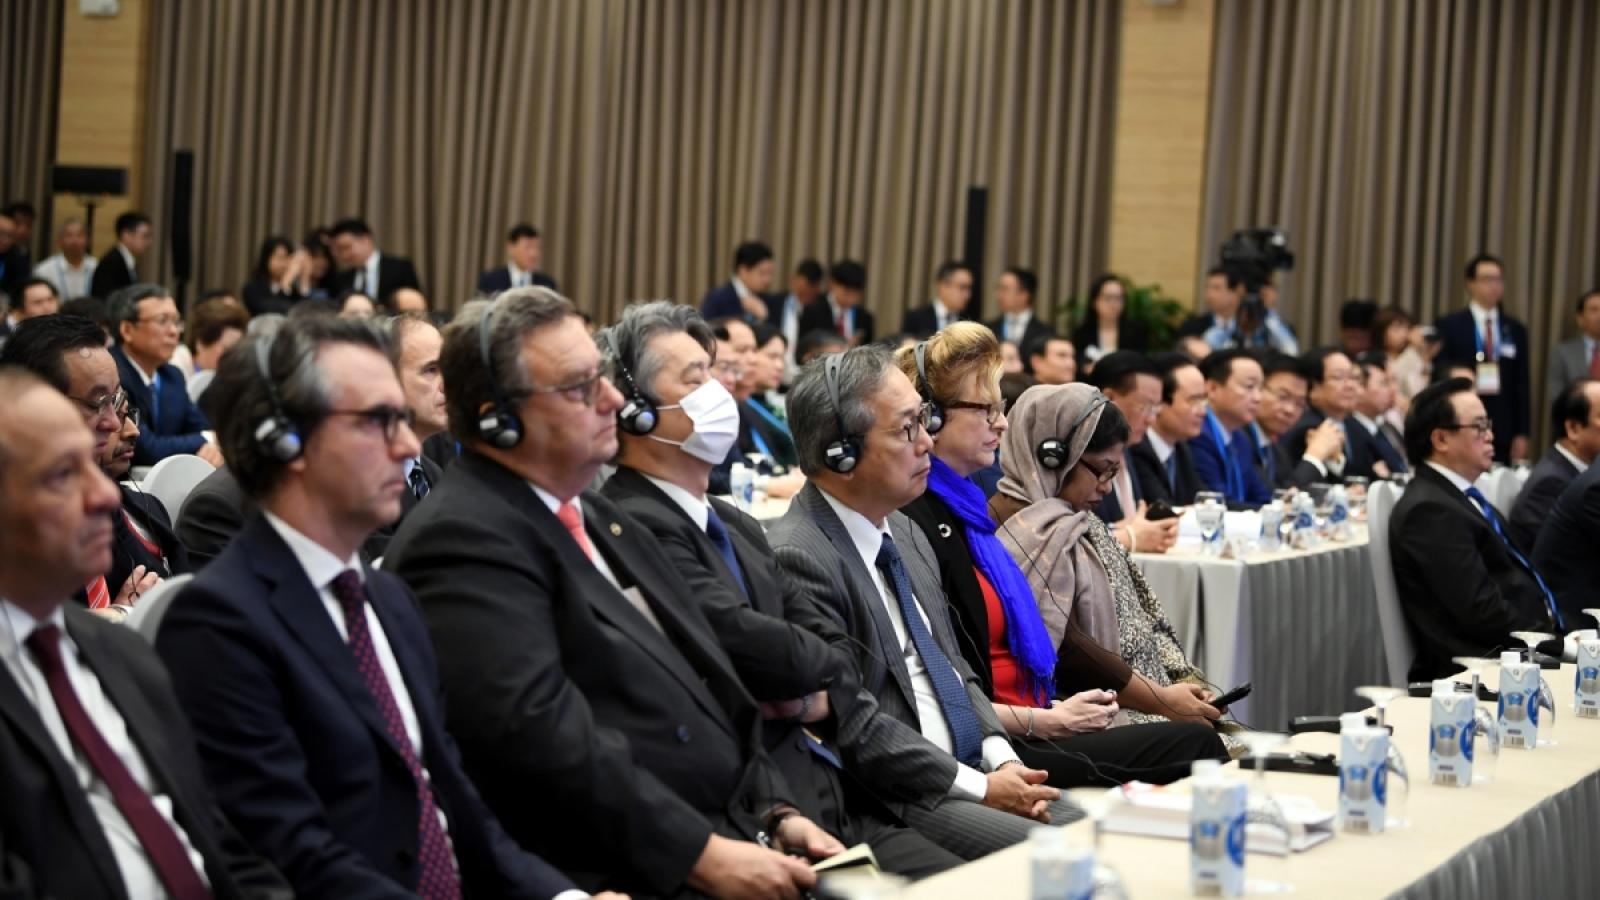 Báo chí quốc tế đưa đậm về Hội nghị cấp cao ASEAN lần thứ 37